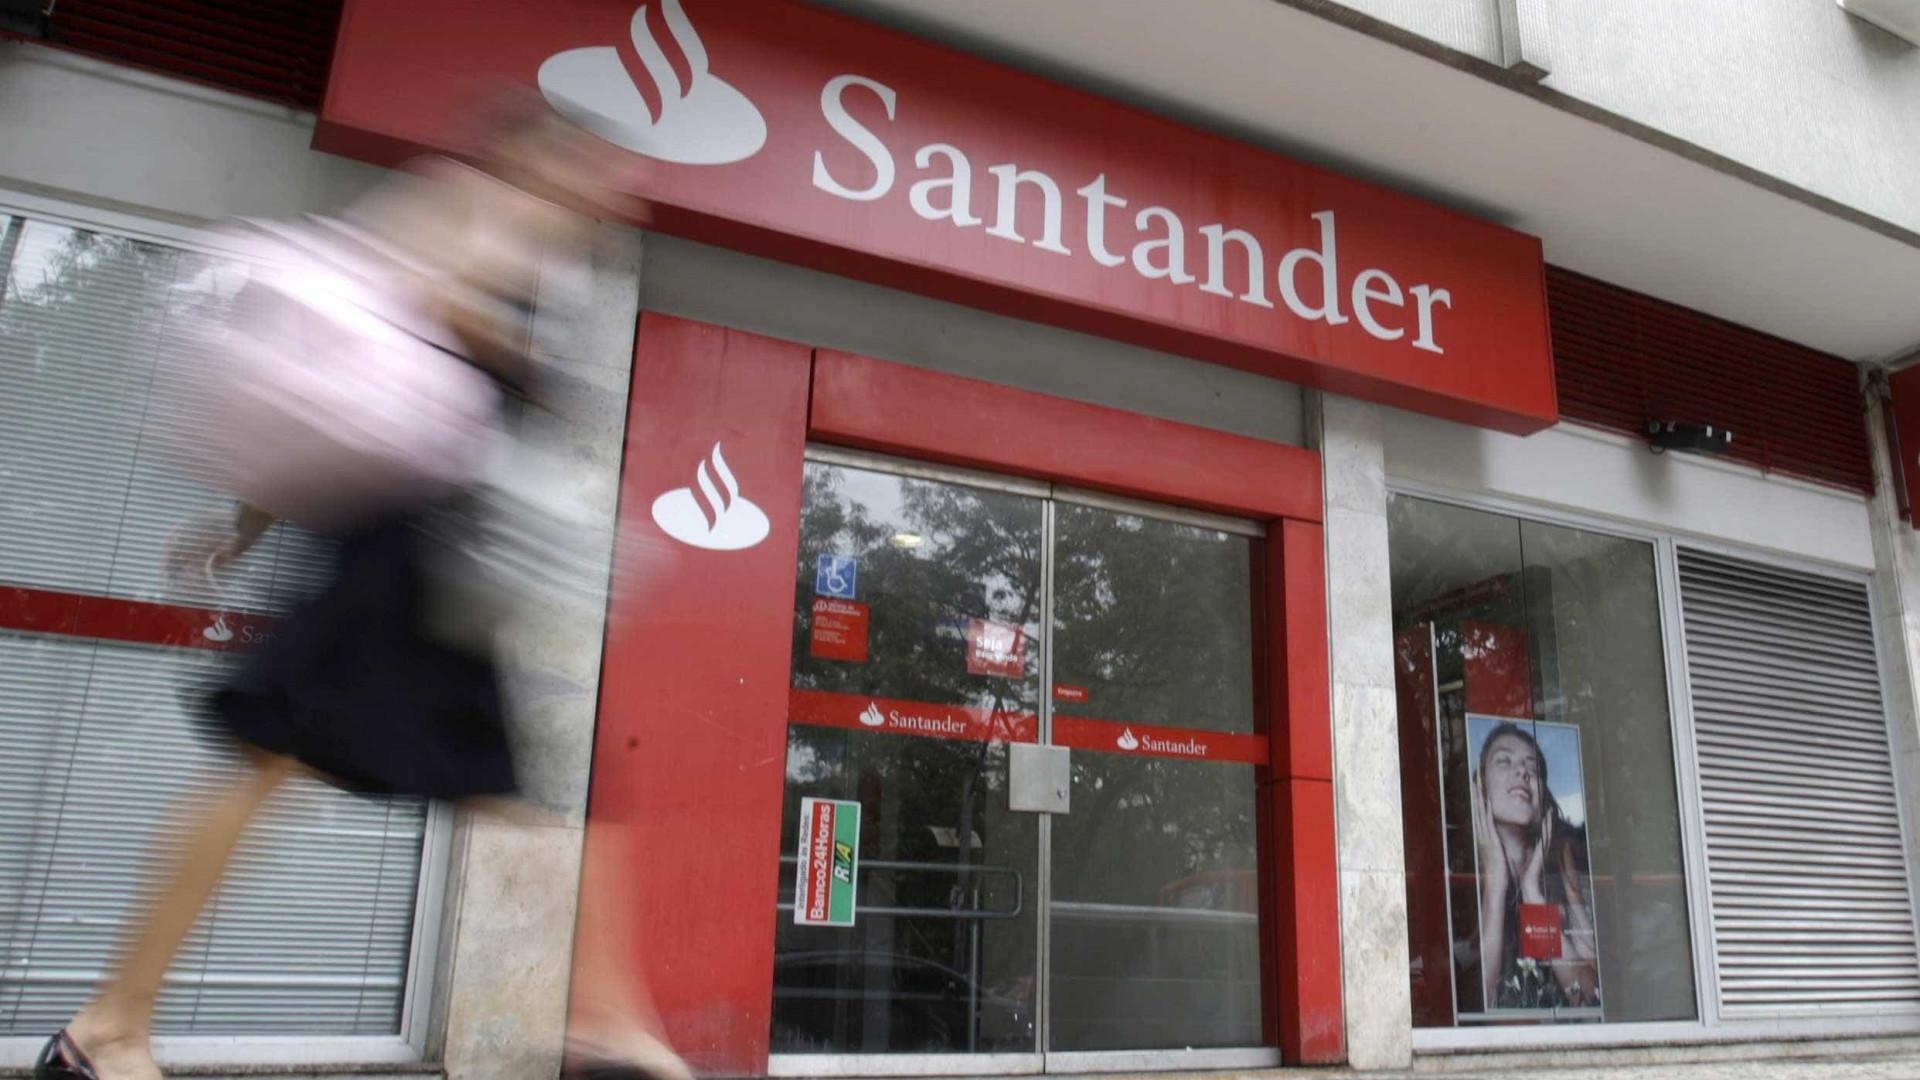 Assalto em agência bancária deixa feridos no Recife; veja vídeo